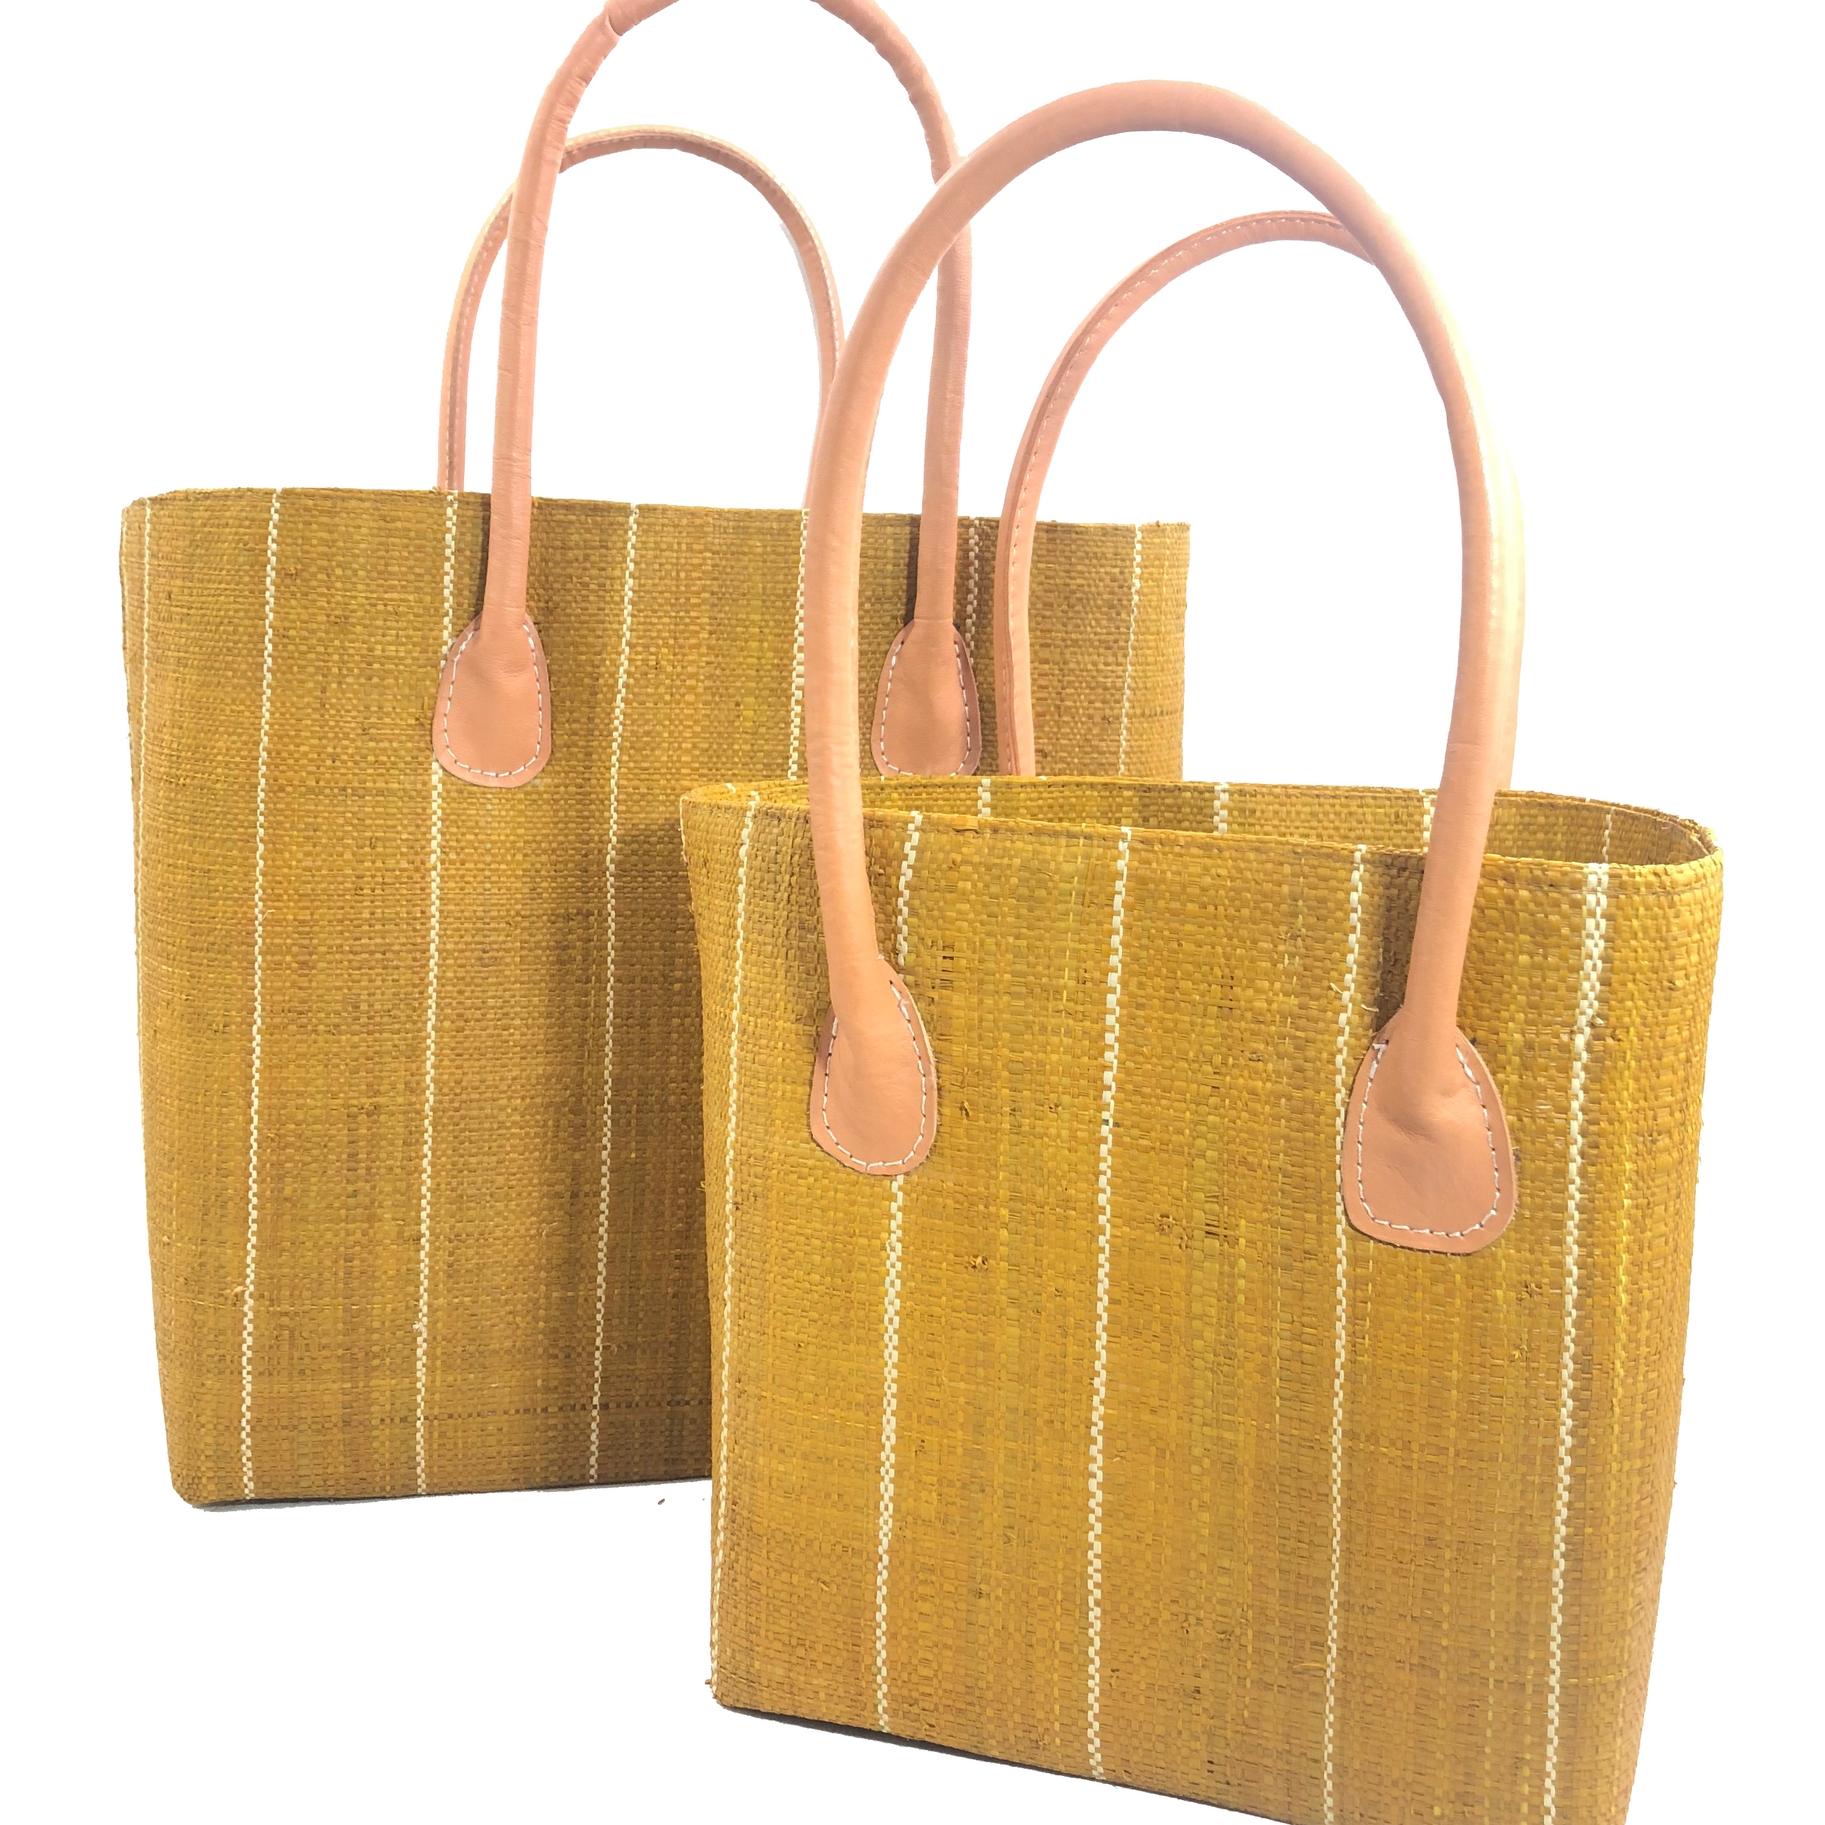 Soubic Pin Stripes Basket - Tobacco | Trada Marketplace